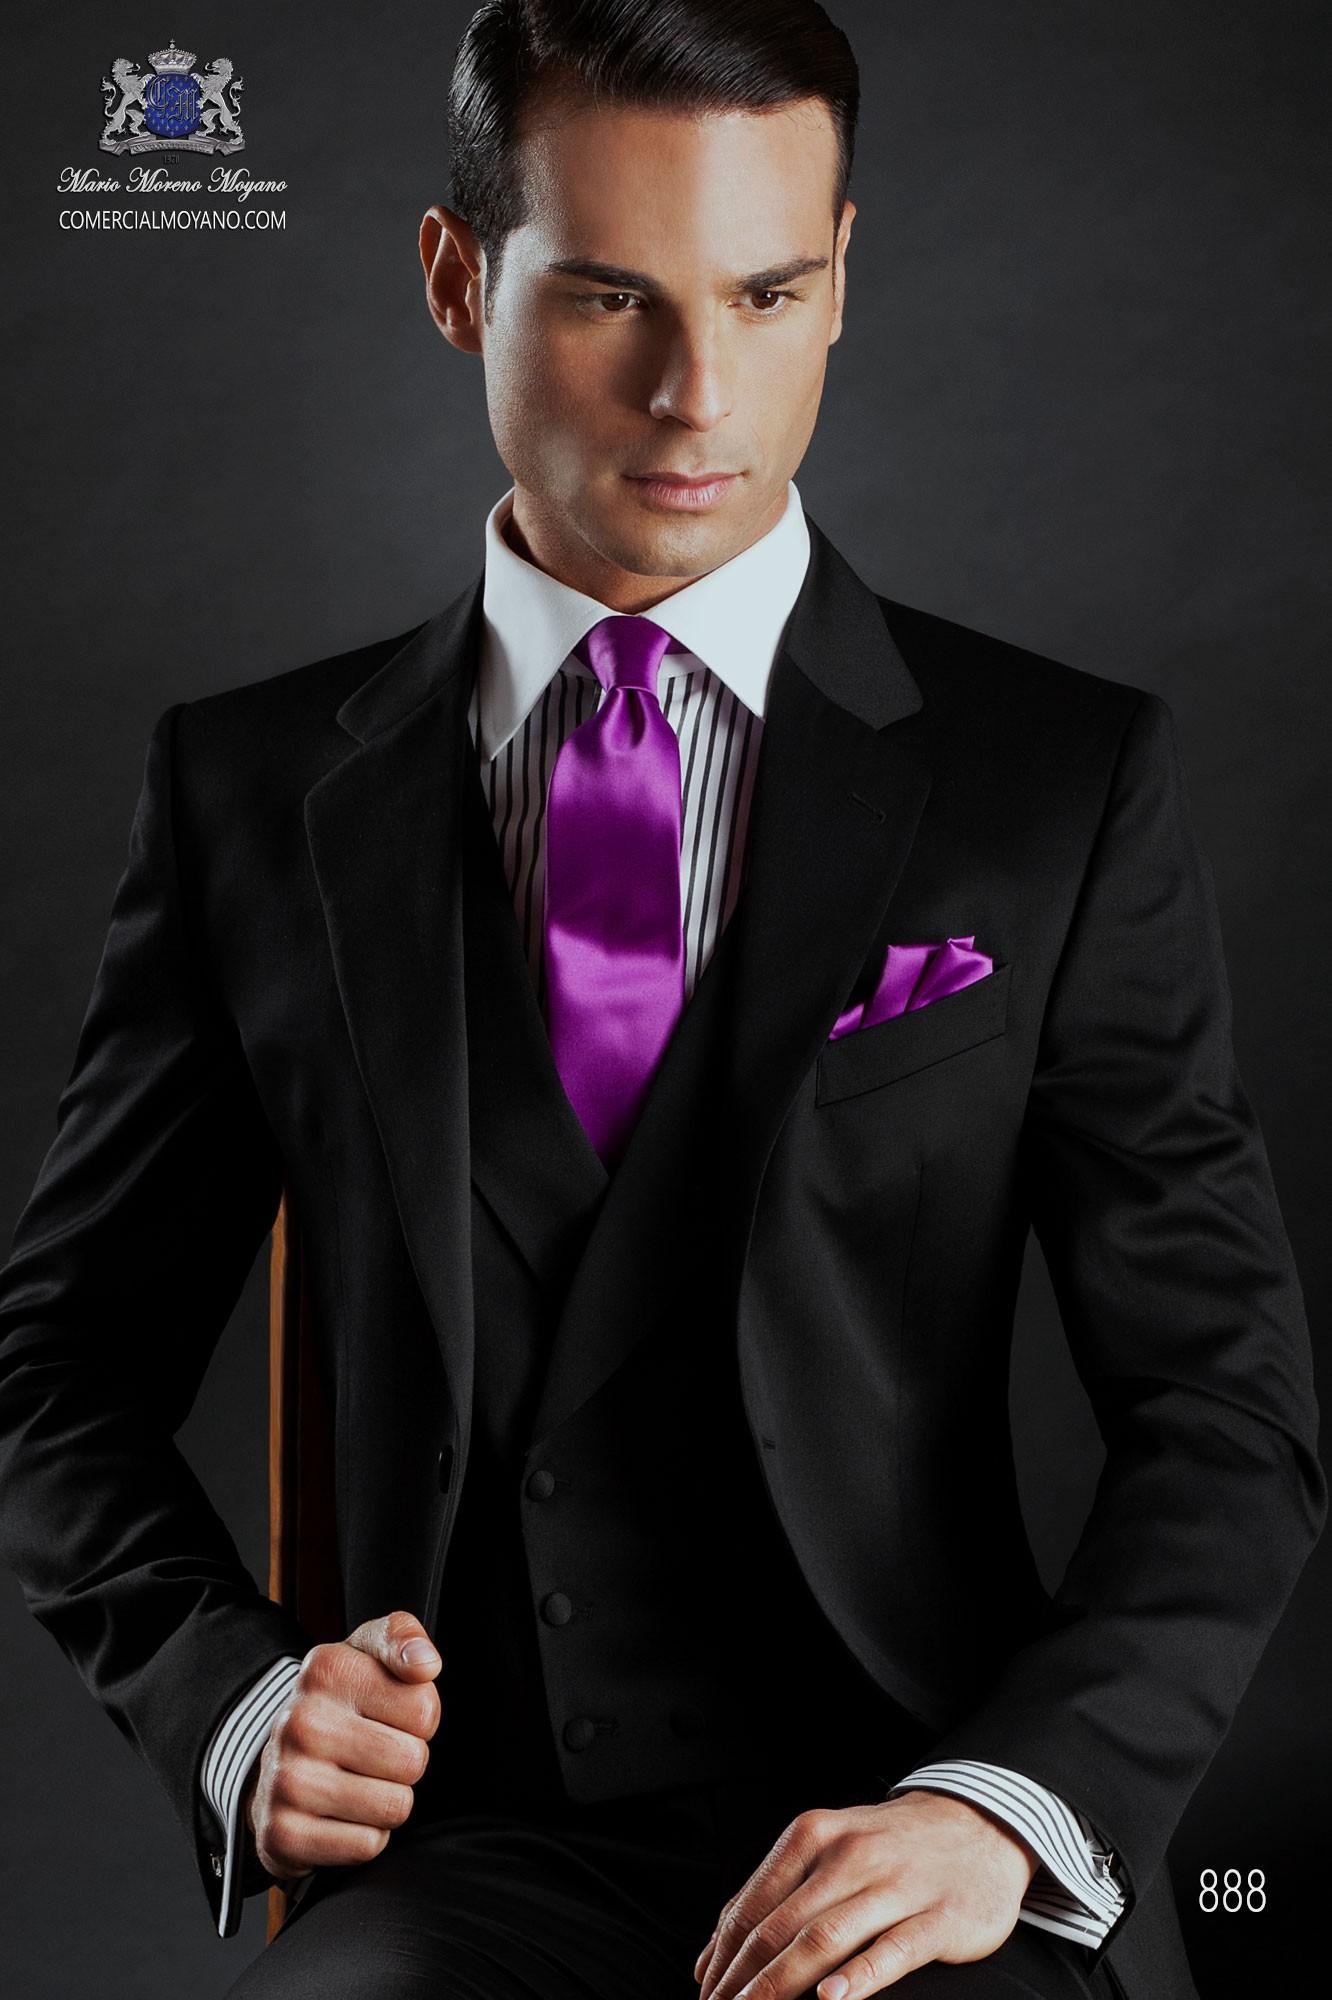 Traje de novio italiano negro modelo: 888 Ottavio Nuccio Gala colección Gentleman